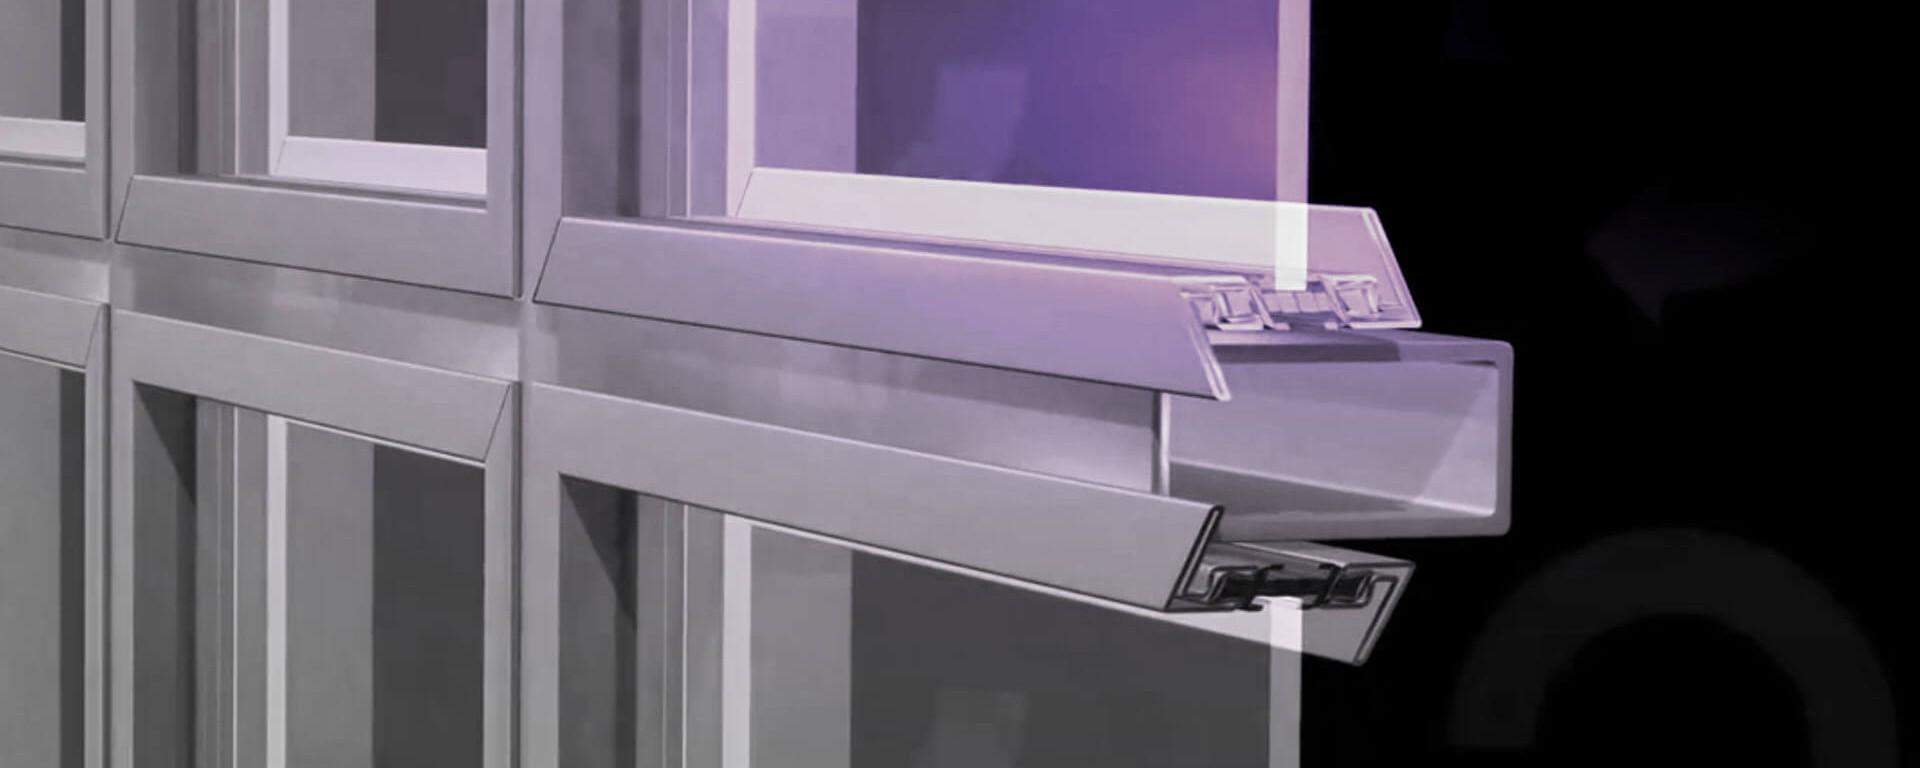 Welser_Fenster_Fassaden_Tore_Stahlprofile